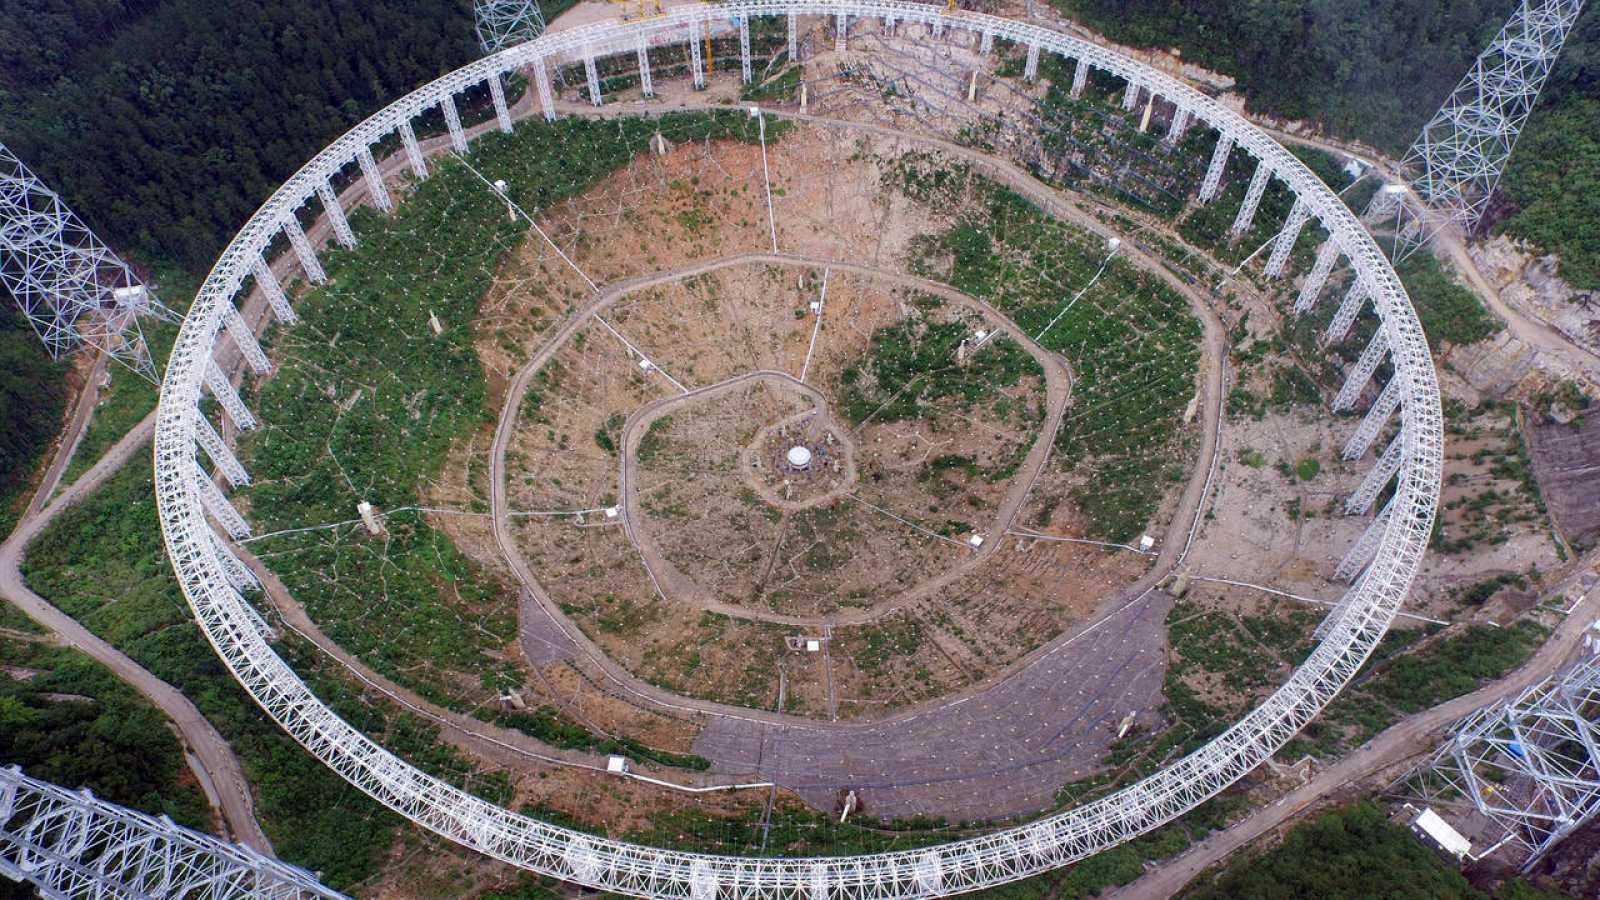 El radiotelescopio esférico de China tiene 500 metros y es el más grande del mundo